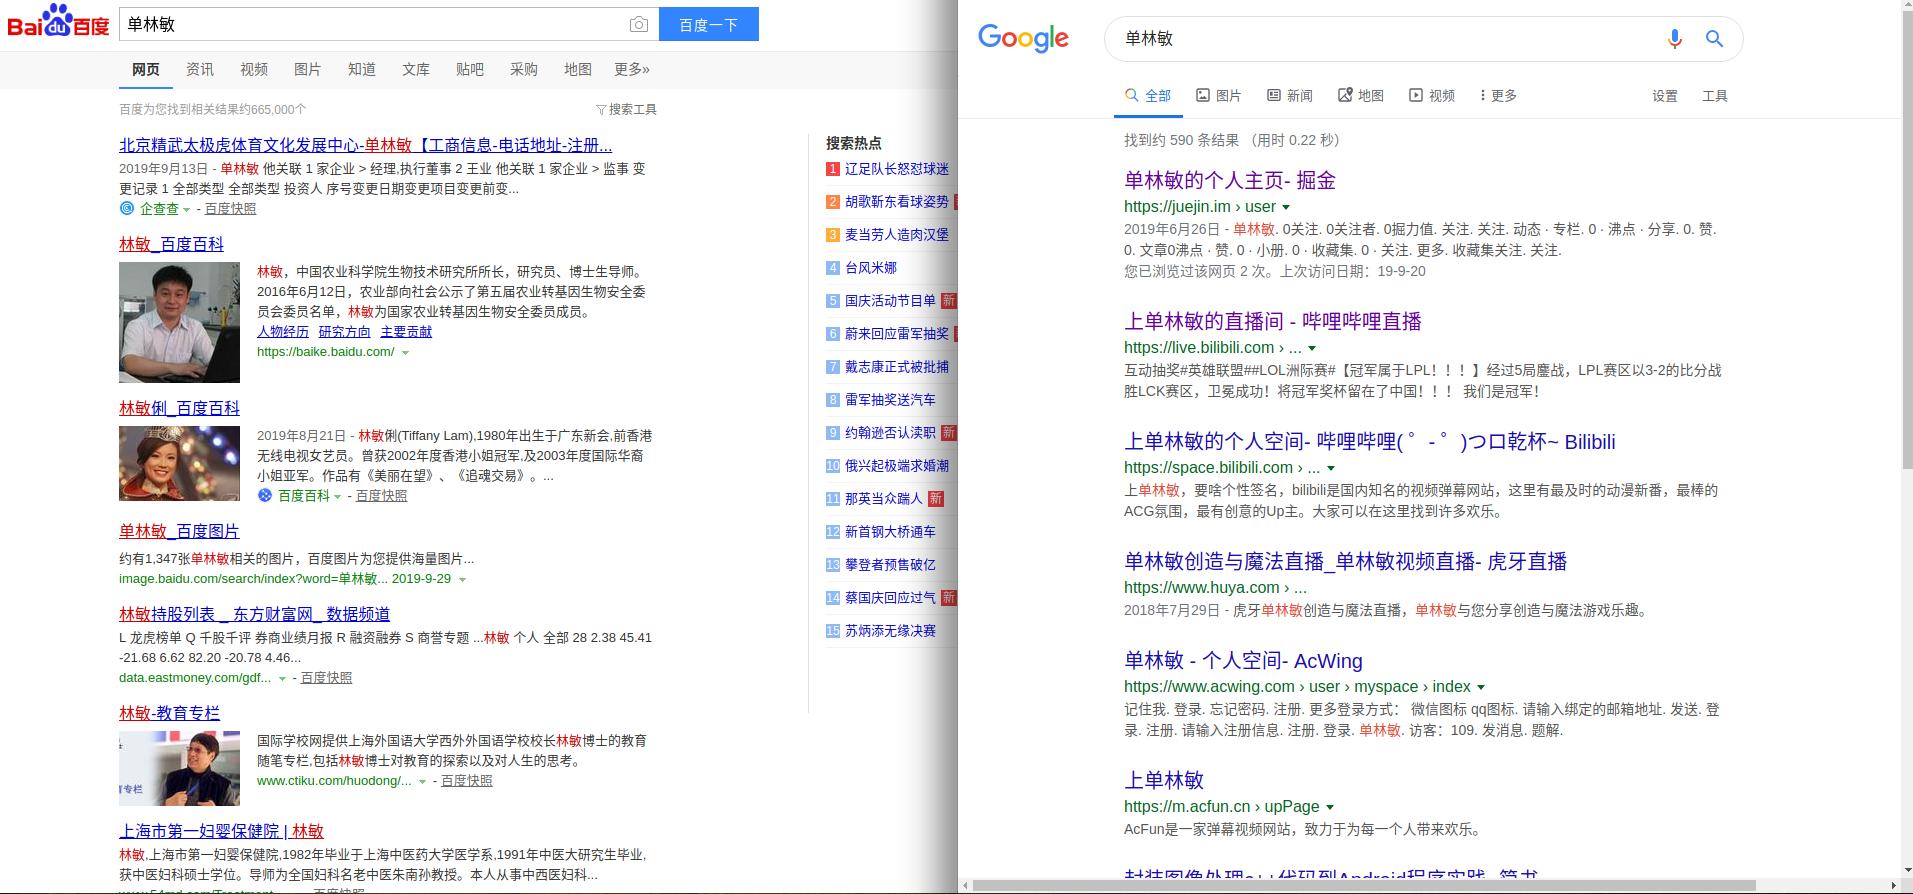 百毒_Google搜索自己